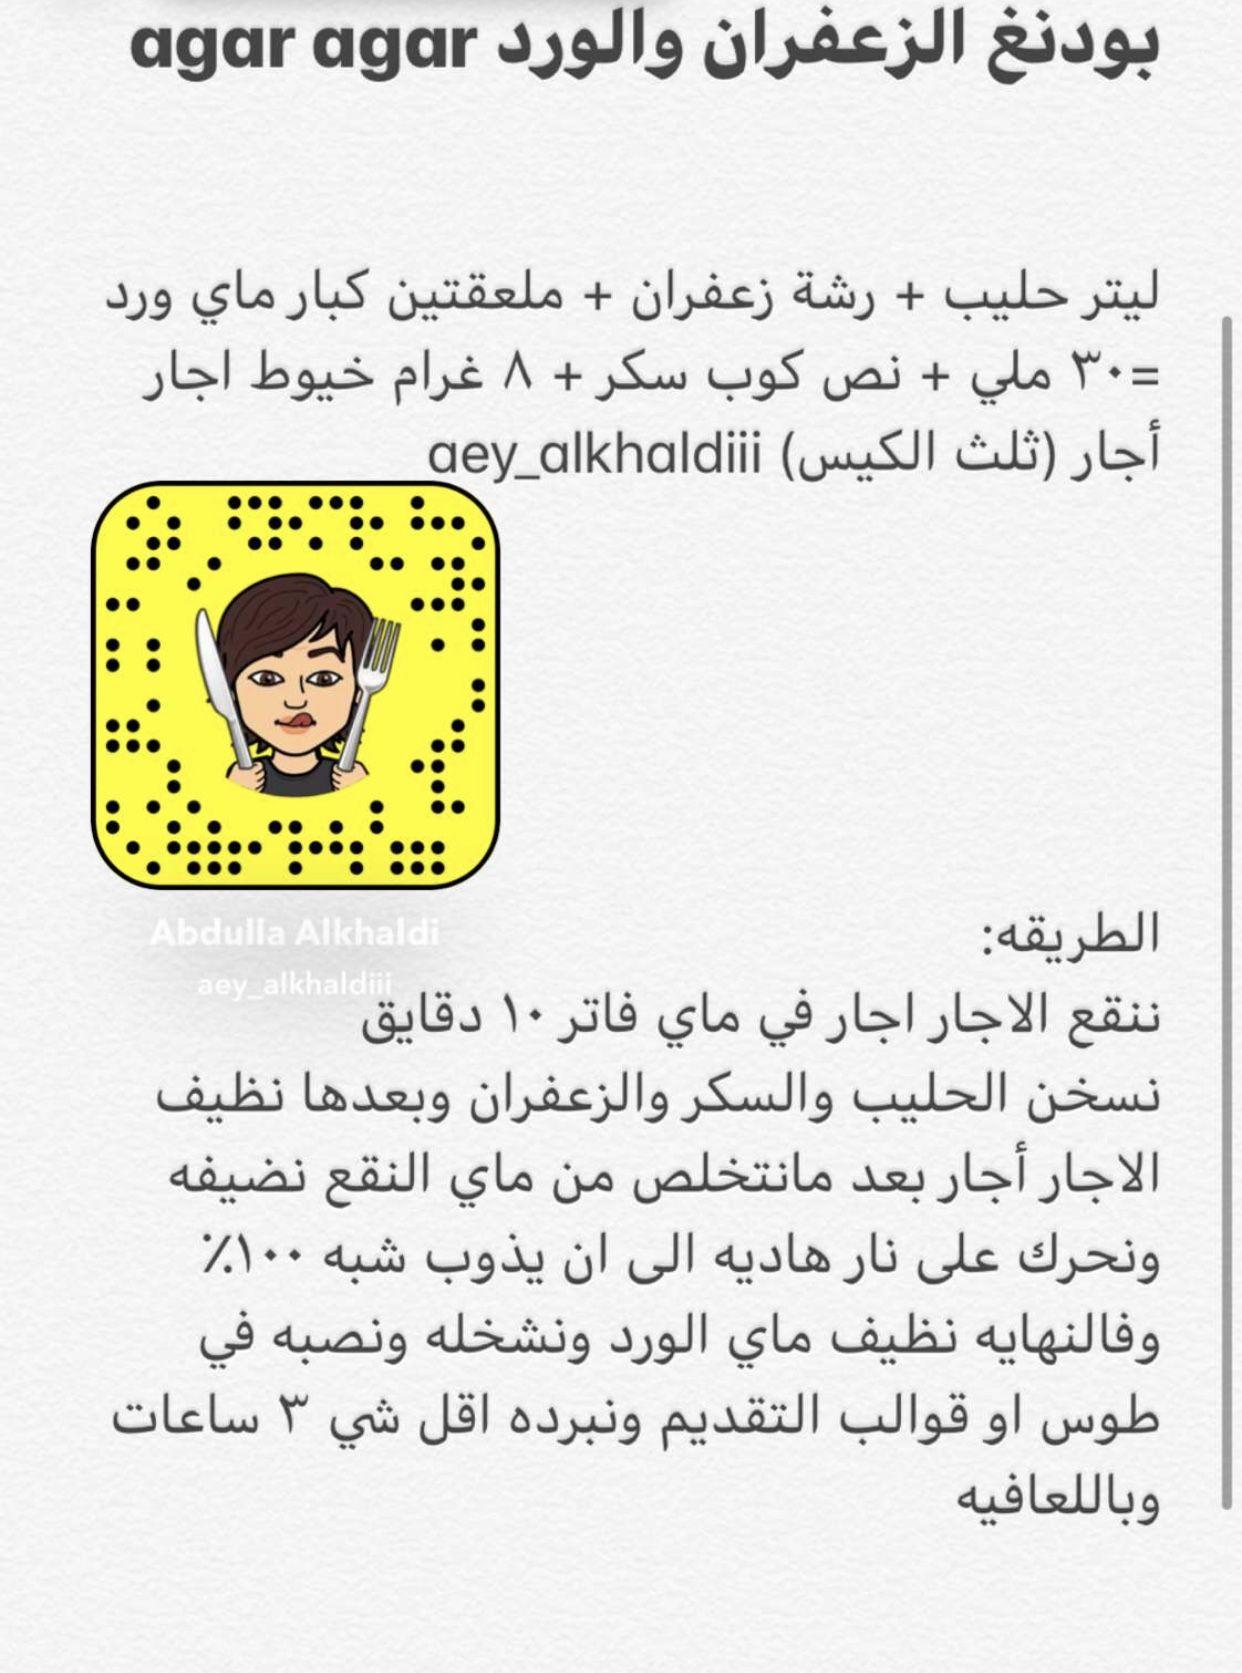 Pin By Moona Alattes On صوري Enamel Pins Snapchat Screenshot Snapchat